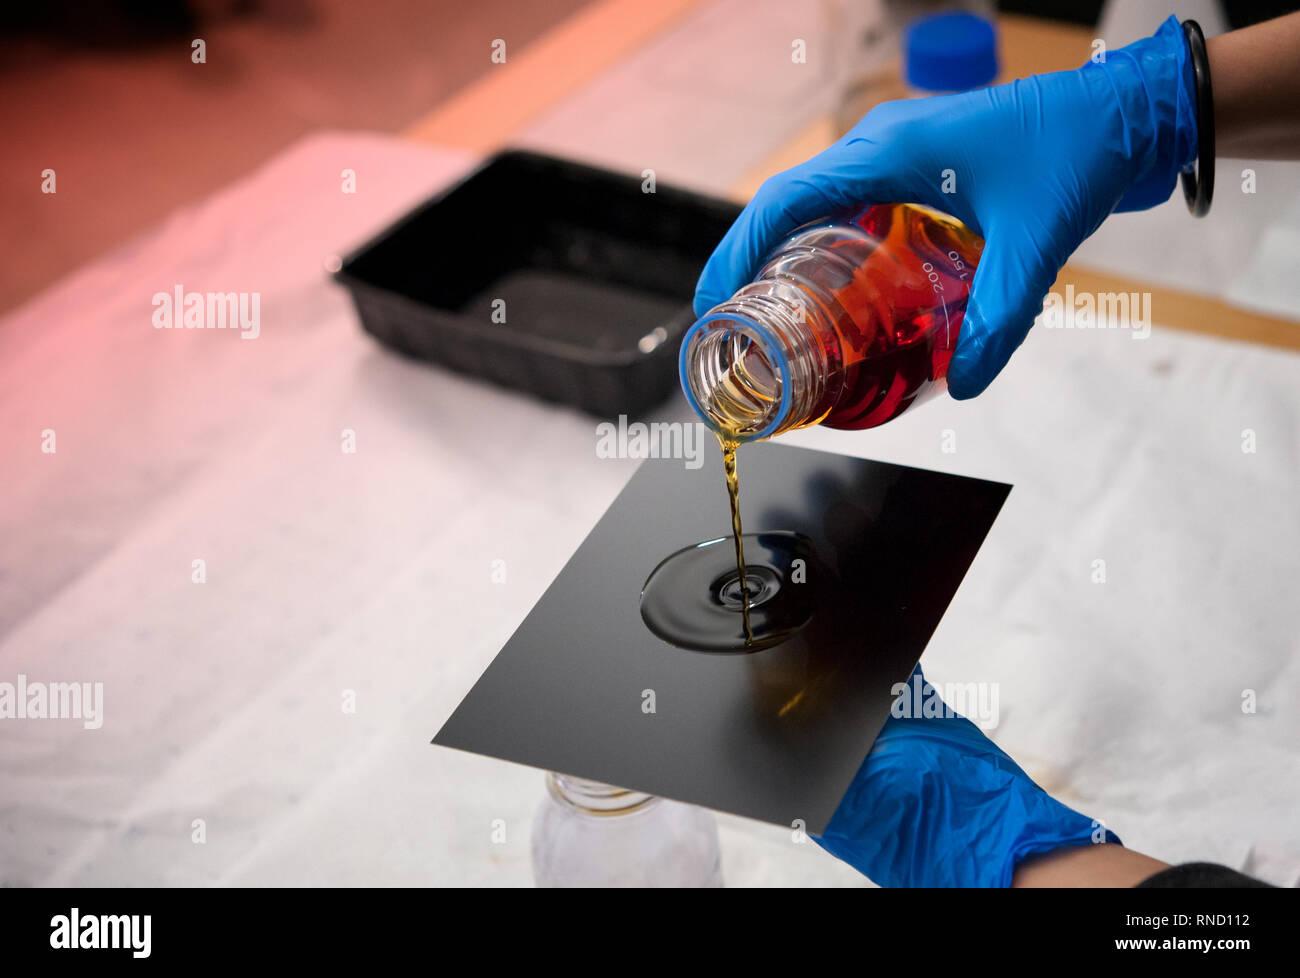 Fotografo riversa collodio soluzione sul nero sottile piastra di ferro. Piastra umida collodio processo. Immagini Stock